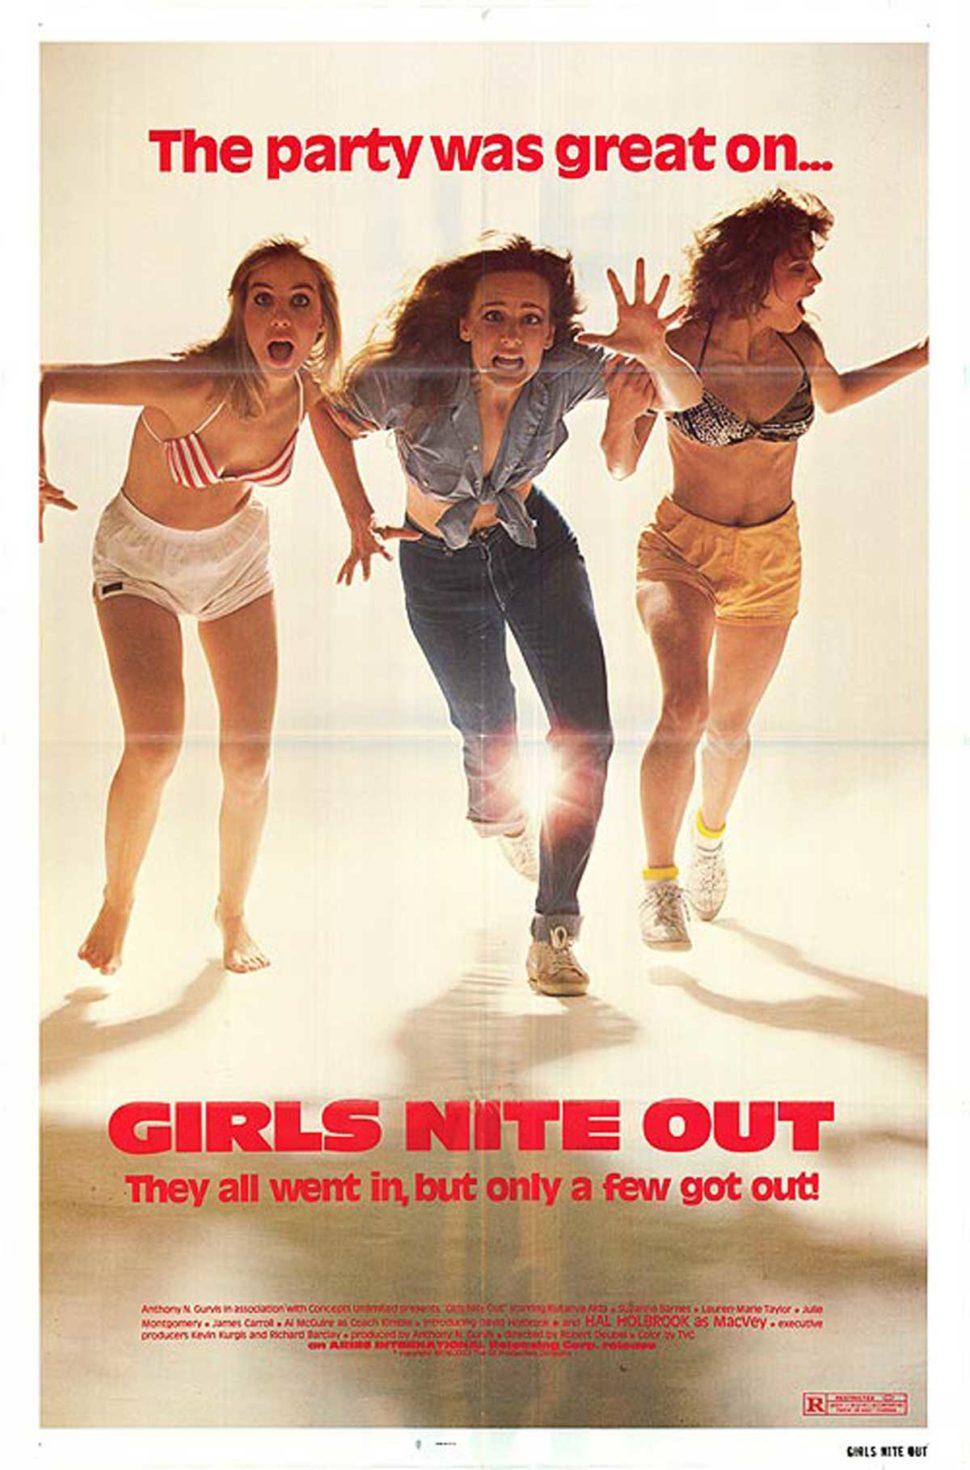 girlsniteout_usposter01-970x1470.jpg